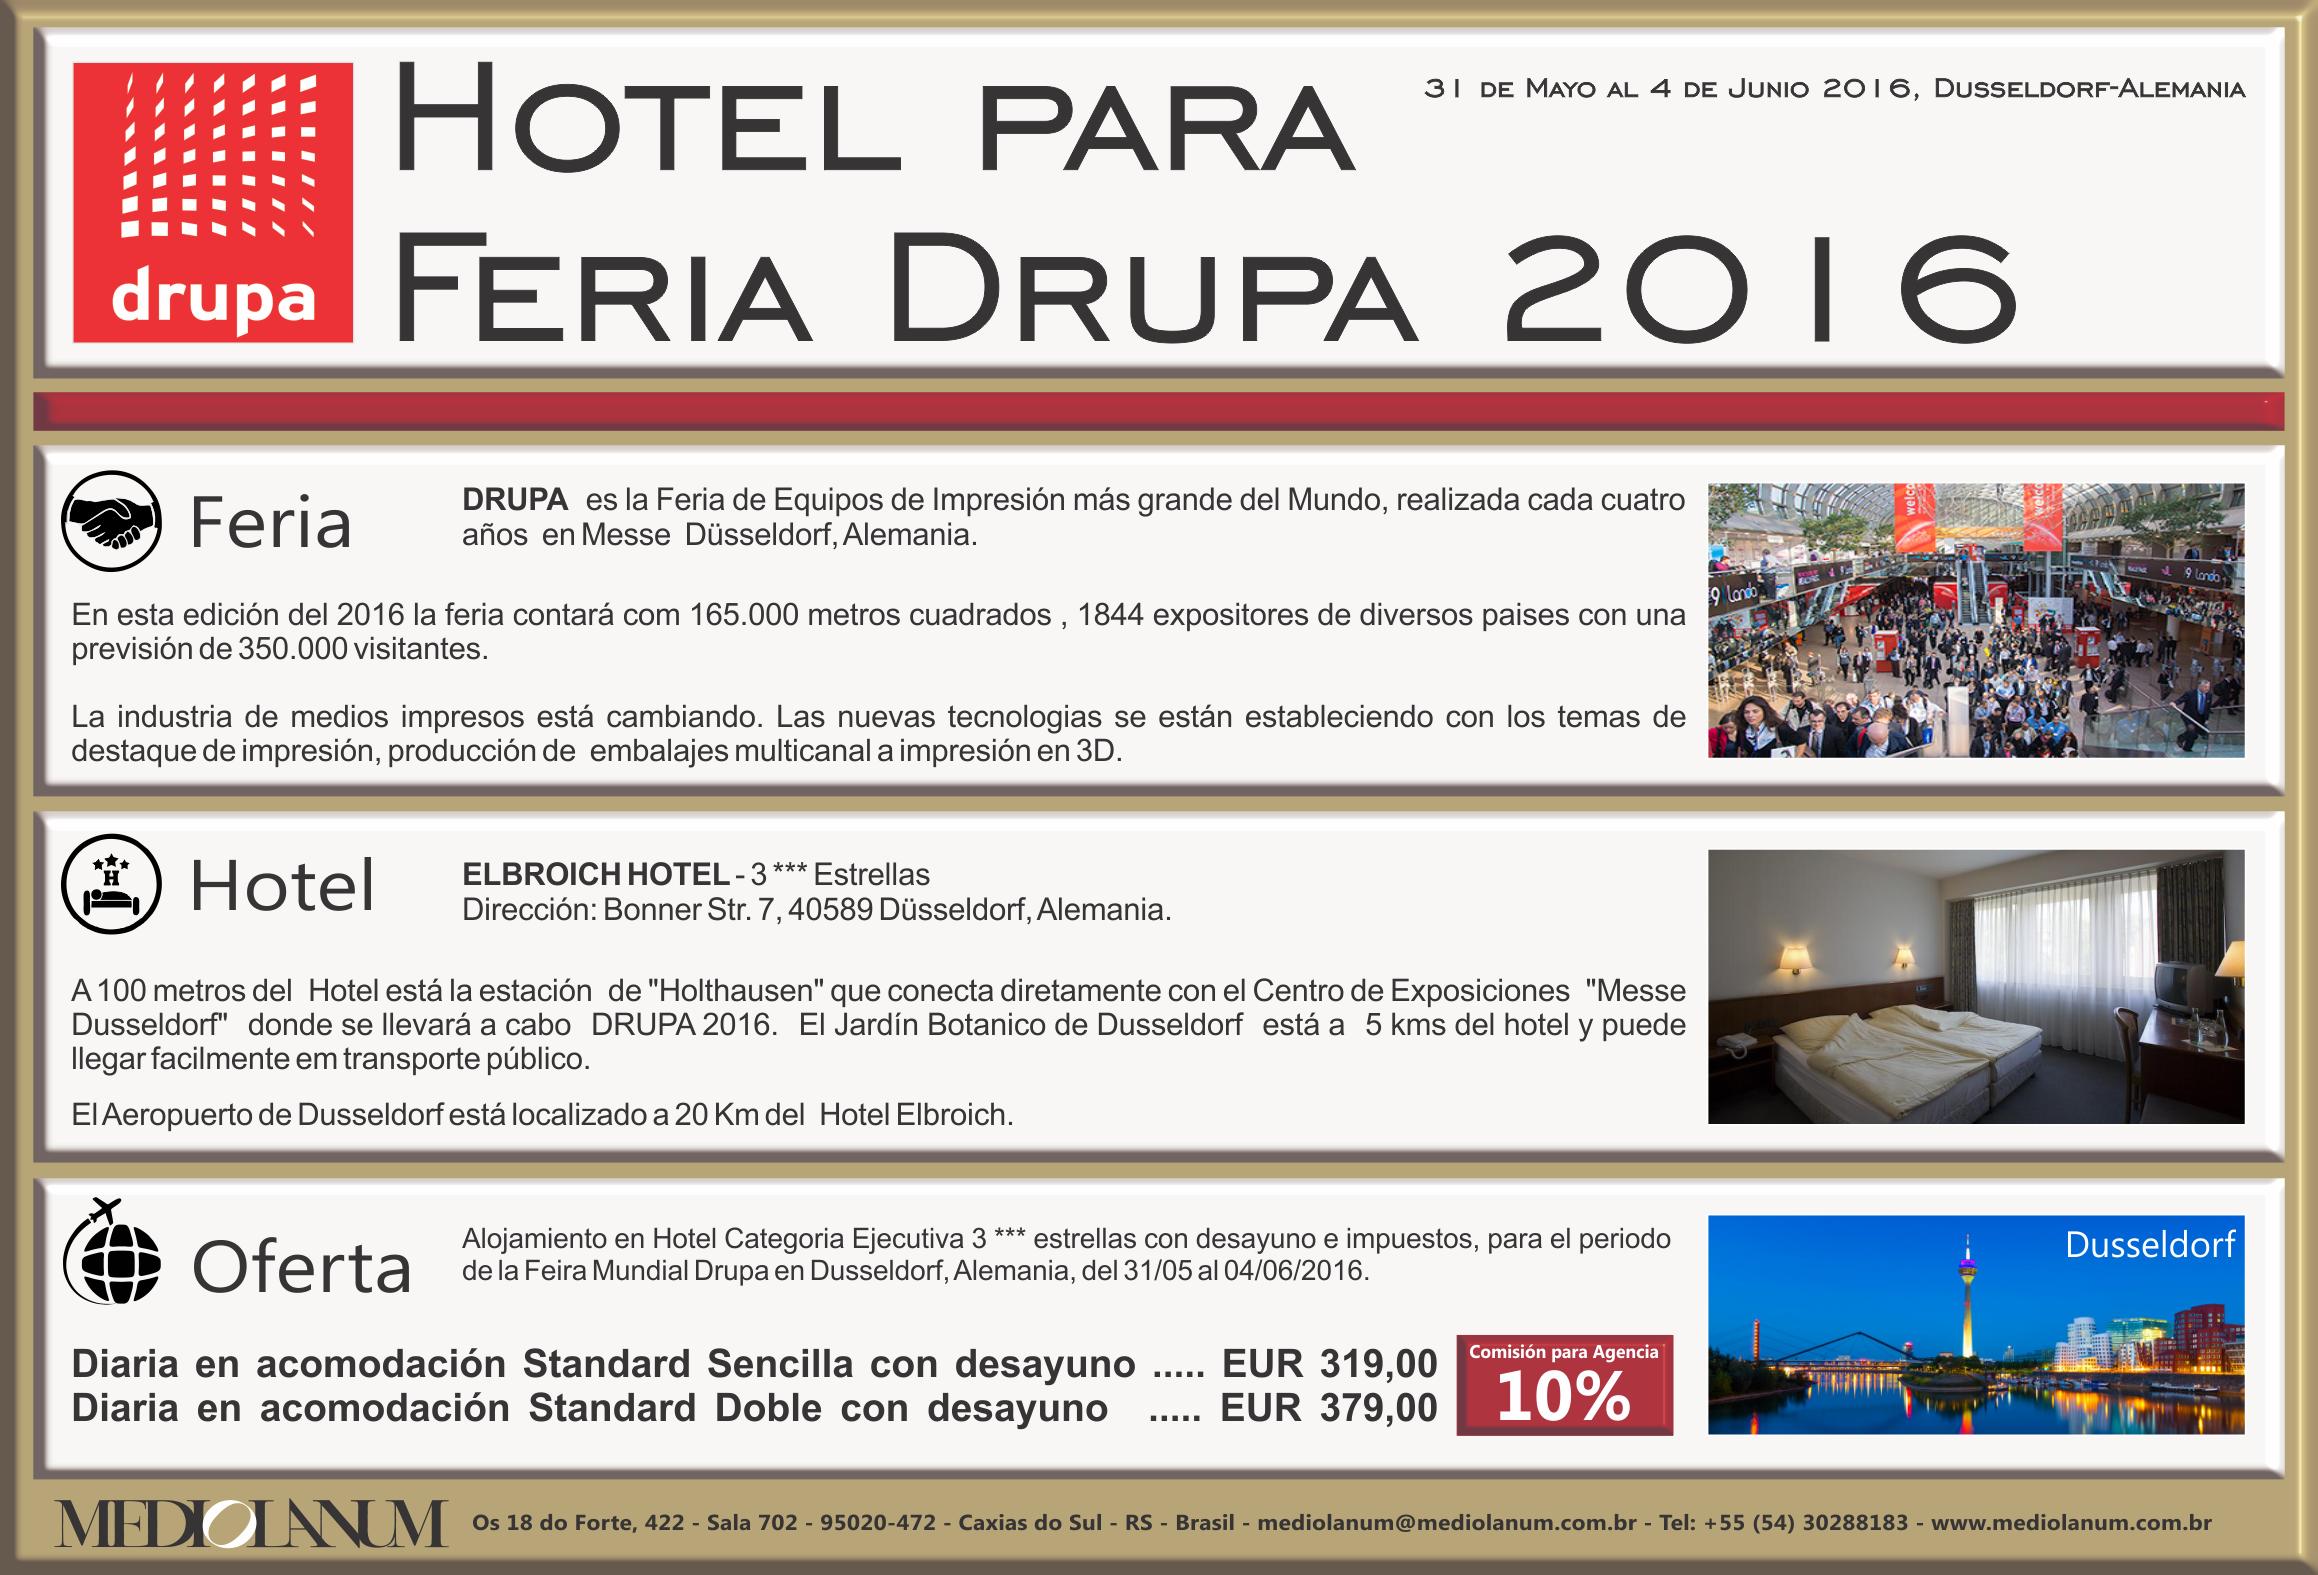 Drupa_2016_Hoteleria_Español